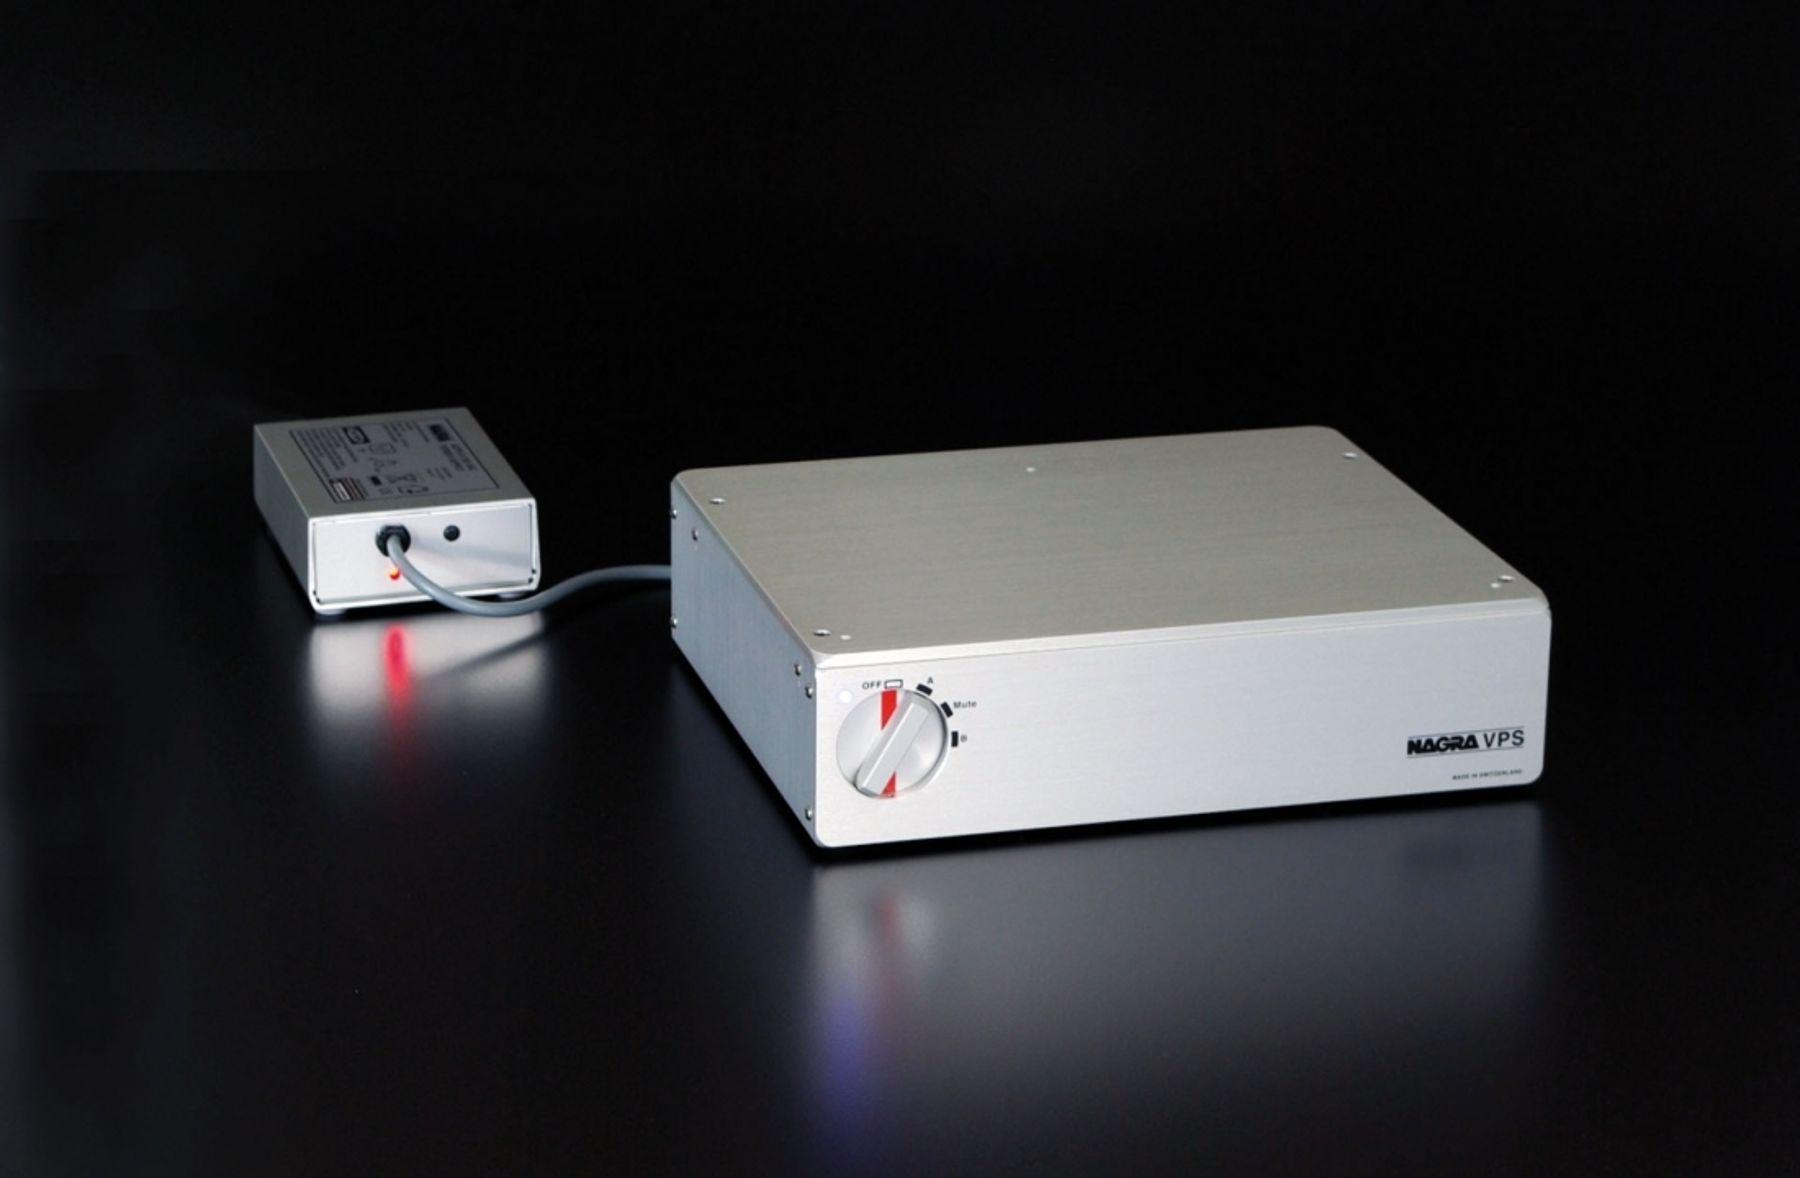 Nagra VPS - Jordan Acoustics